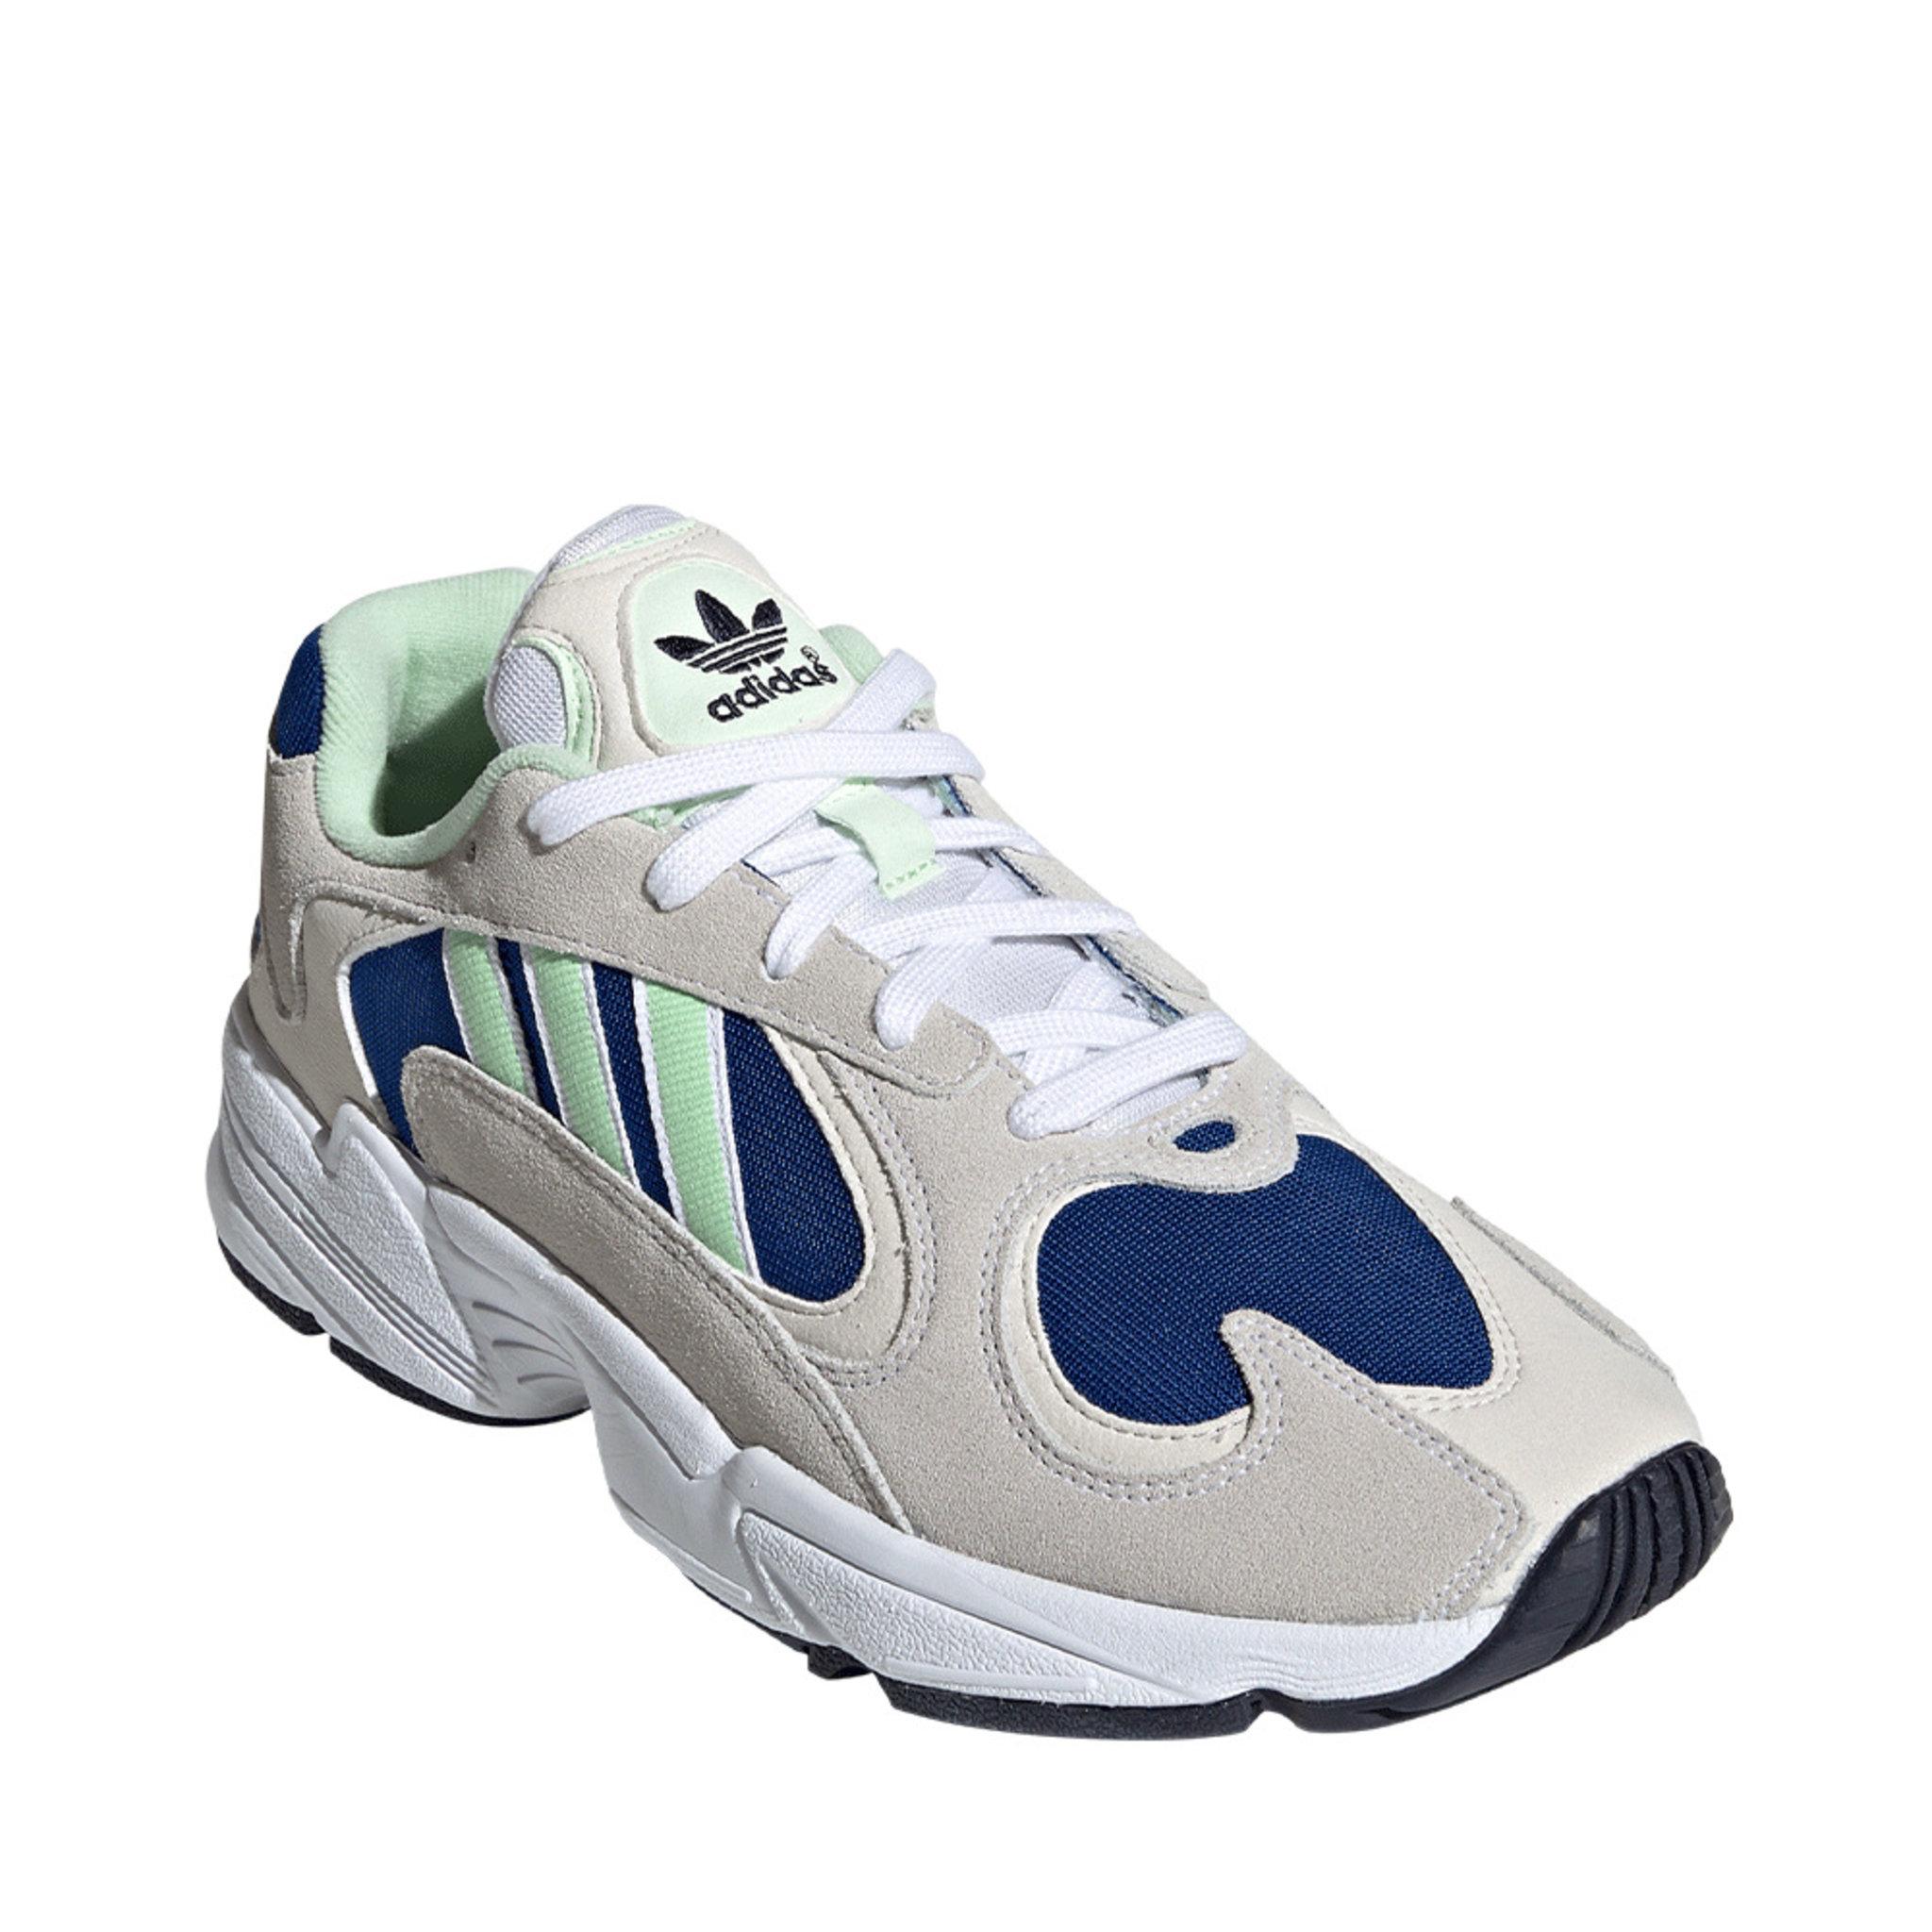 Sneakers, YUNG 1 Skor Köp online på åhlens.se!